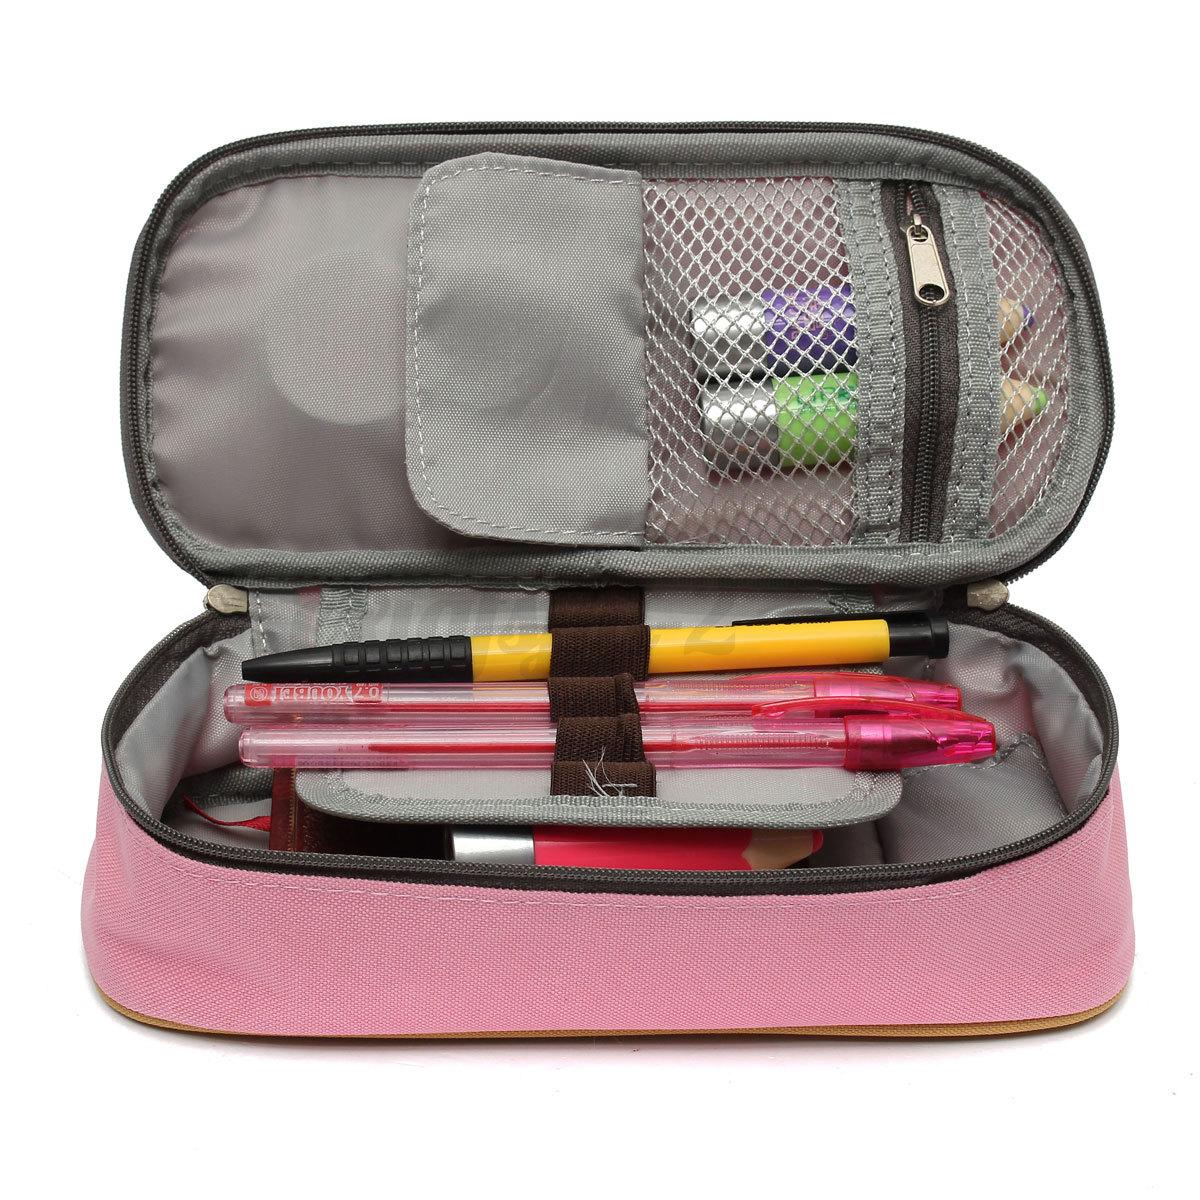 Sac Trousse Scolaire Stylo Ecole Crayon Pinceau Maquillage Porte Monnaie Boite Ebay